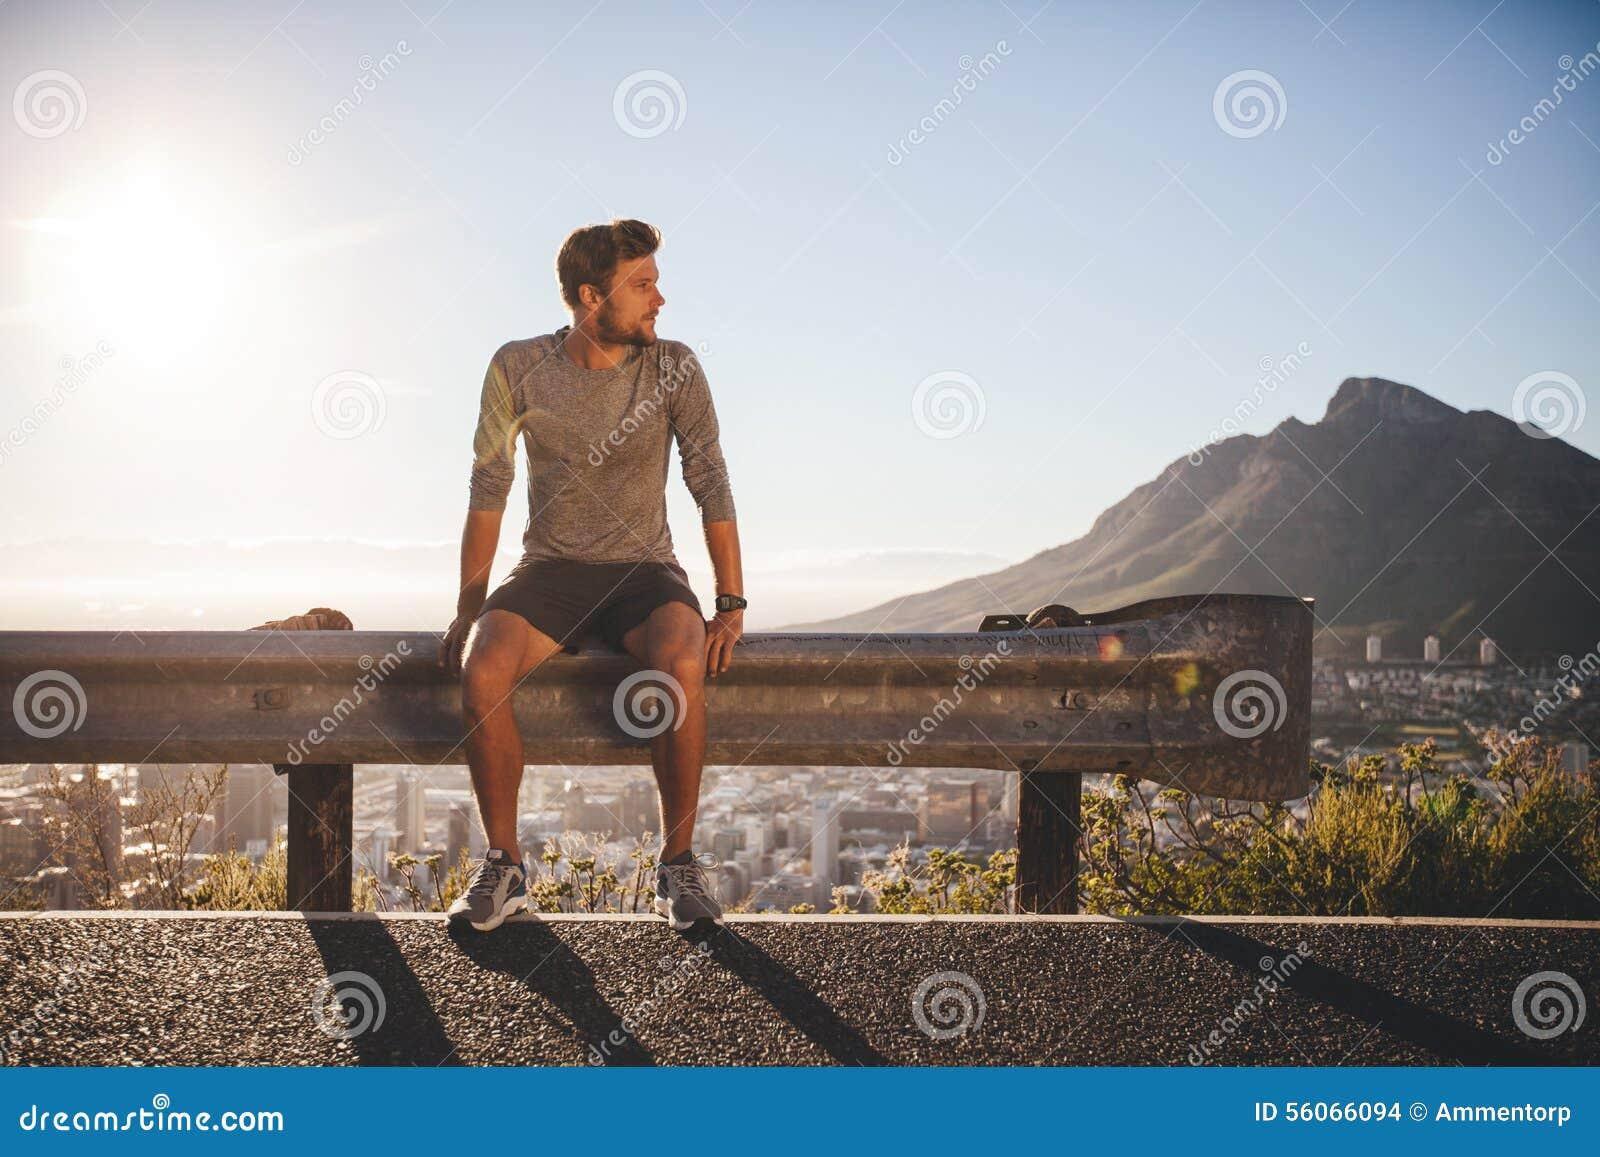 休假的人在早晨奔跑以后